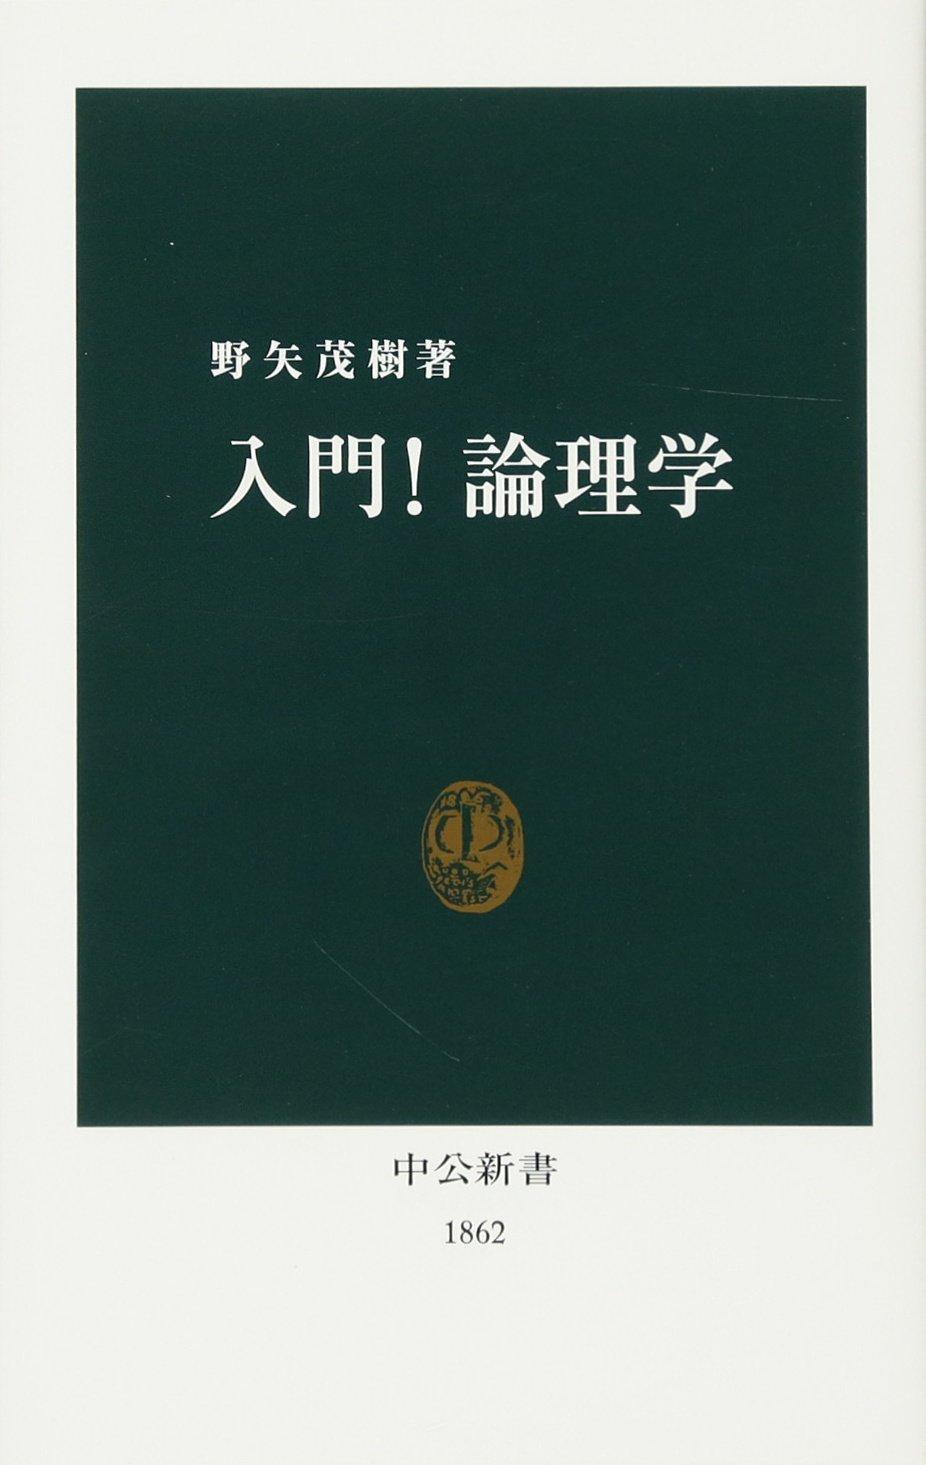 野矢茂樹(2006)『入門! 論理学』中公新書